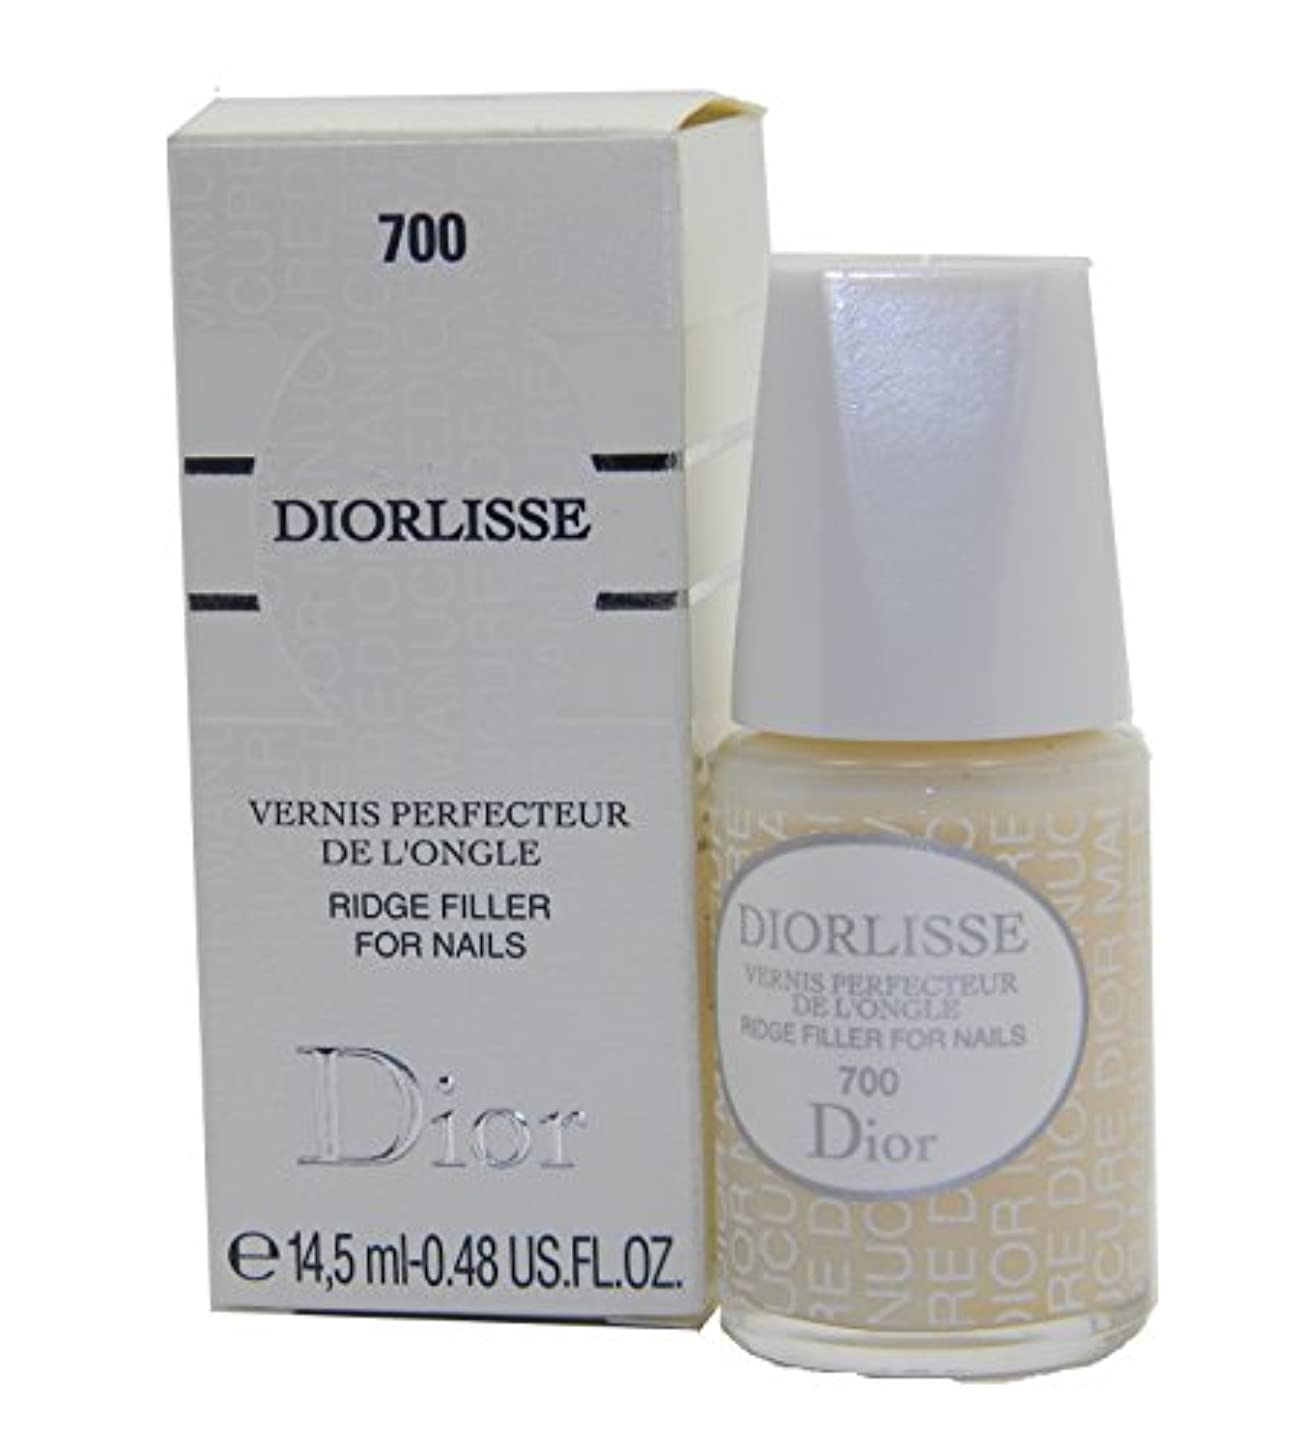 真空安全別れるDior Diorlisse Ridge Filler For Nail 700(ディオールリス リッジフィラー フォーネイル 700)[海外直送品] [並行輸入品]